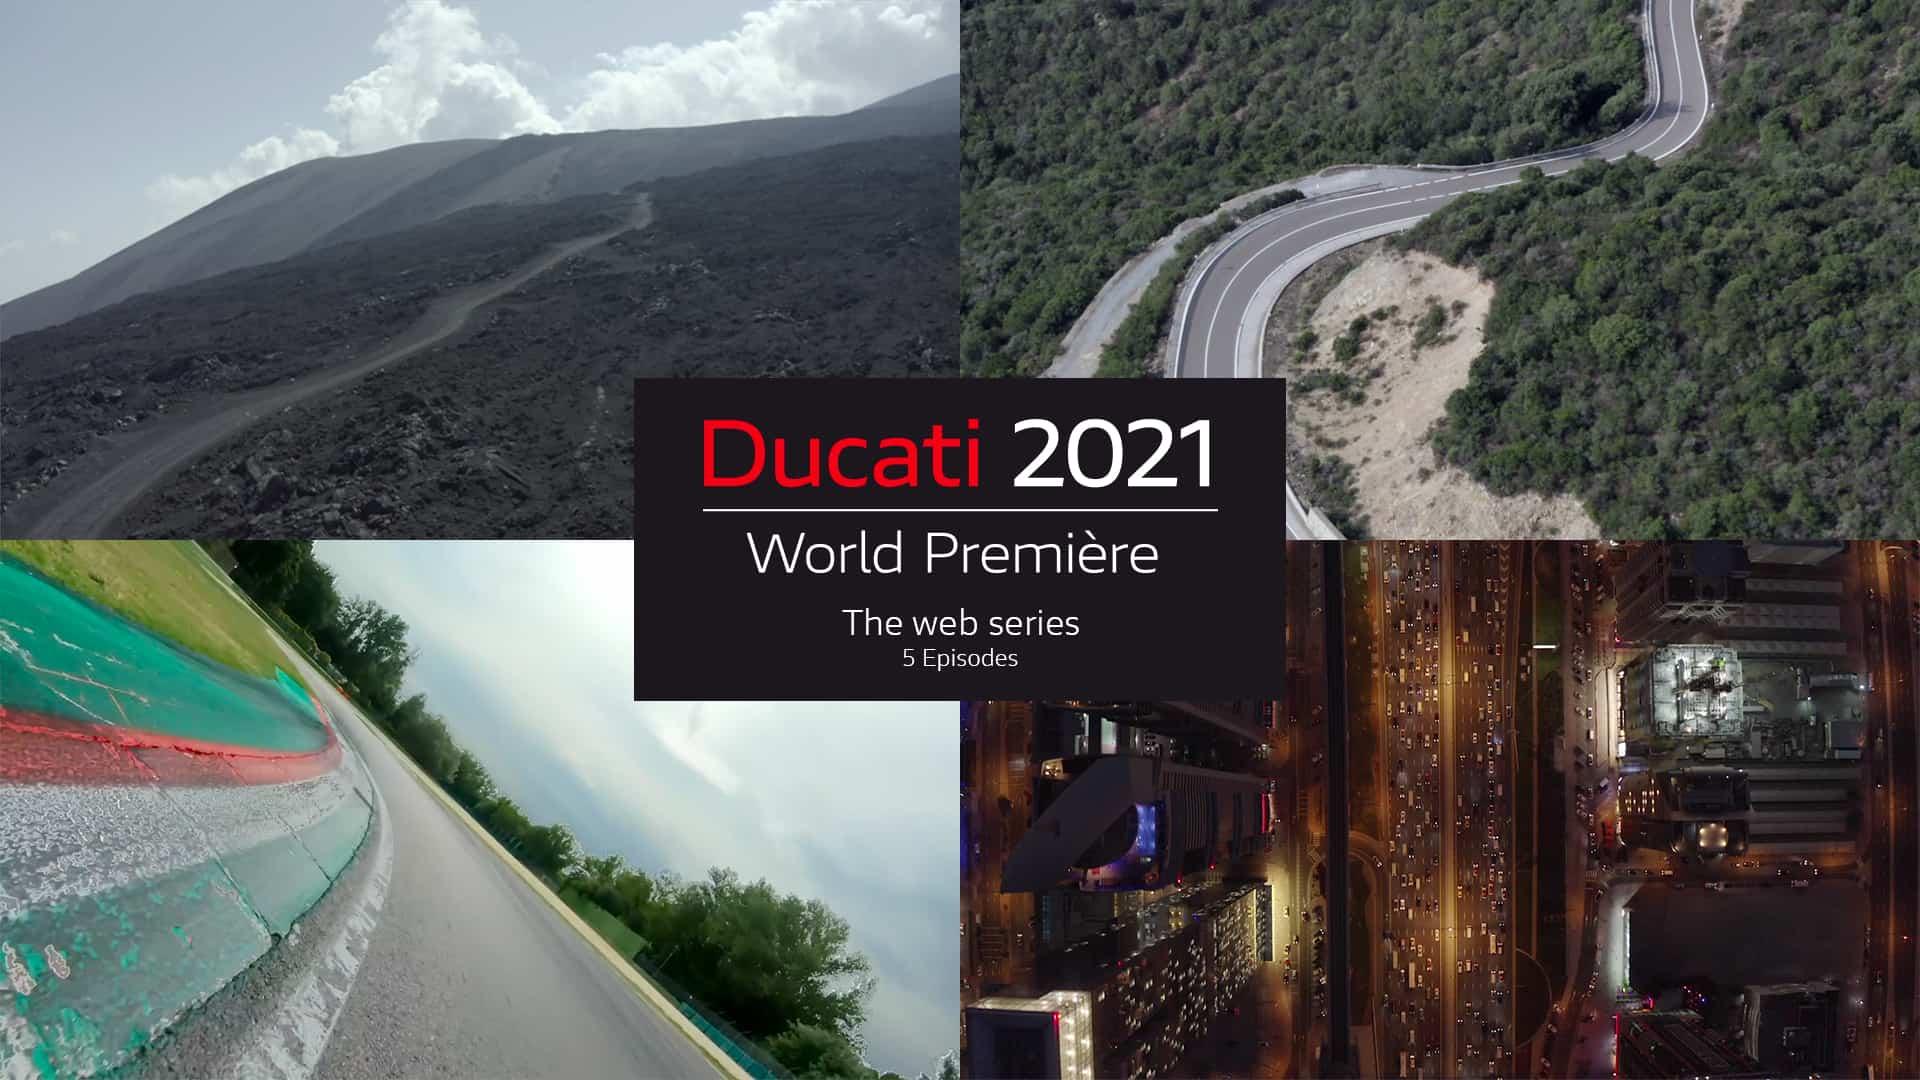 Ducati  ドゥカティ・ワールド・プレミア2021を5回に分けて開催、初回エピソードでは新型ムルティストラーダV4を発表